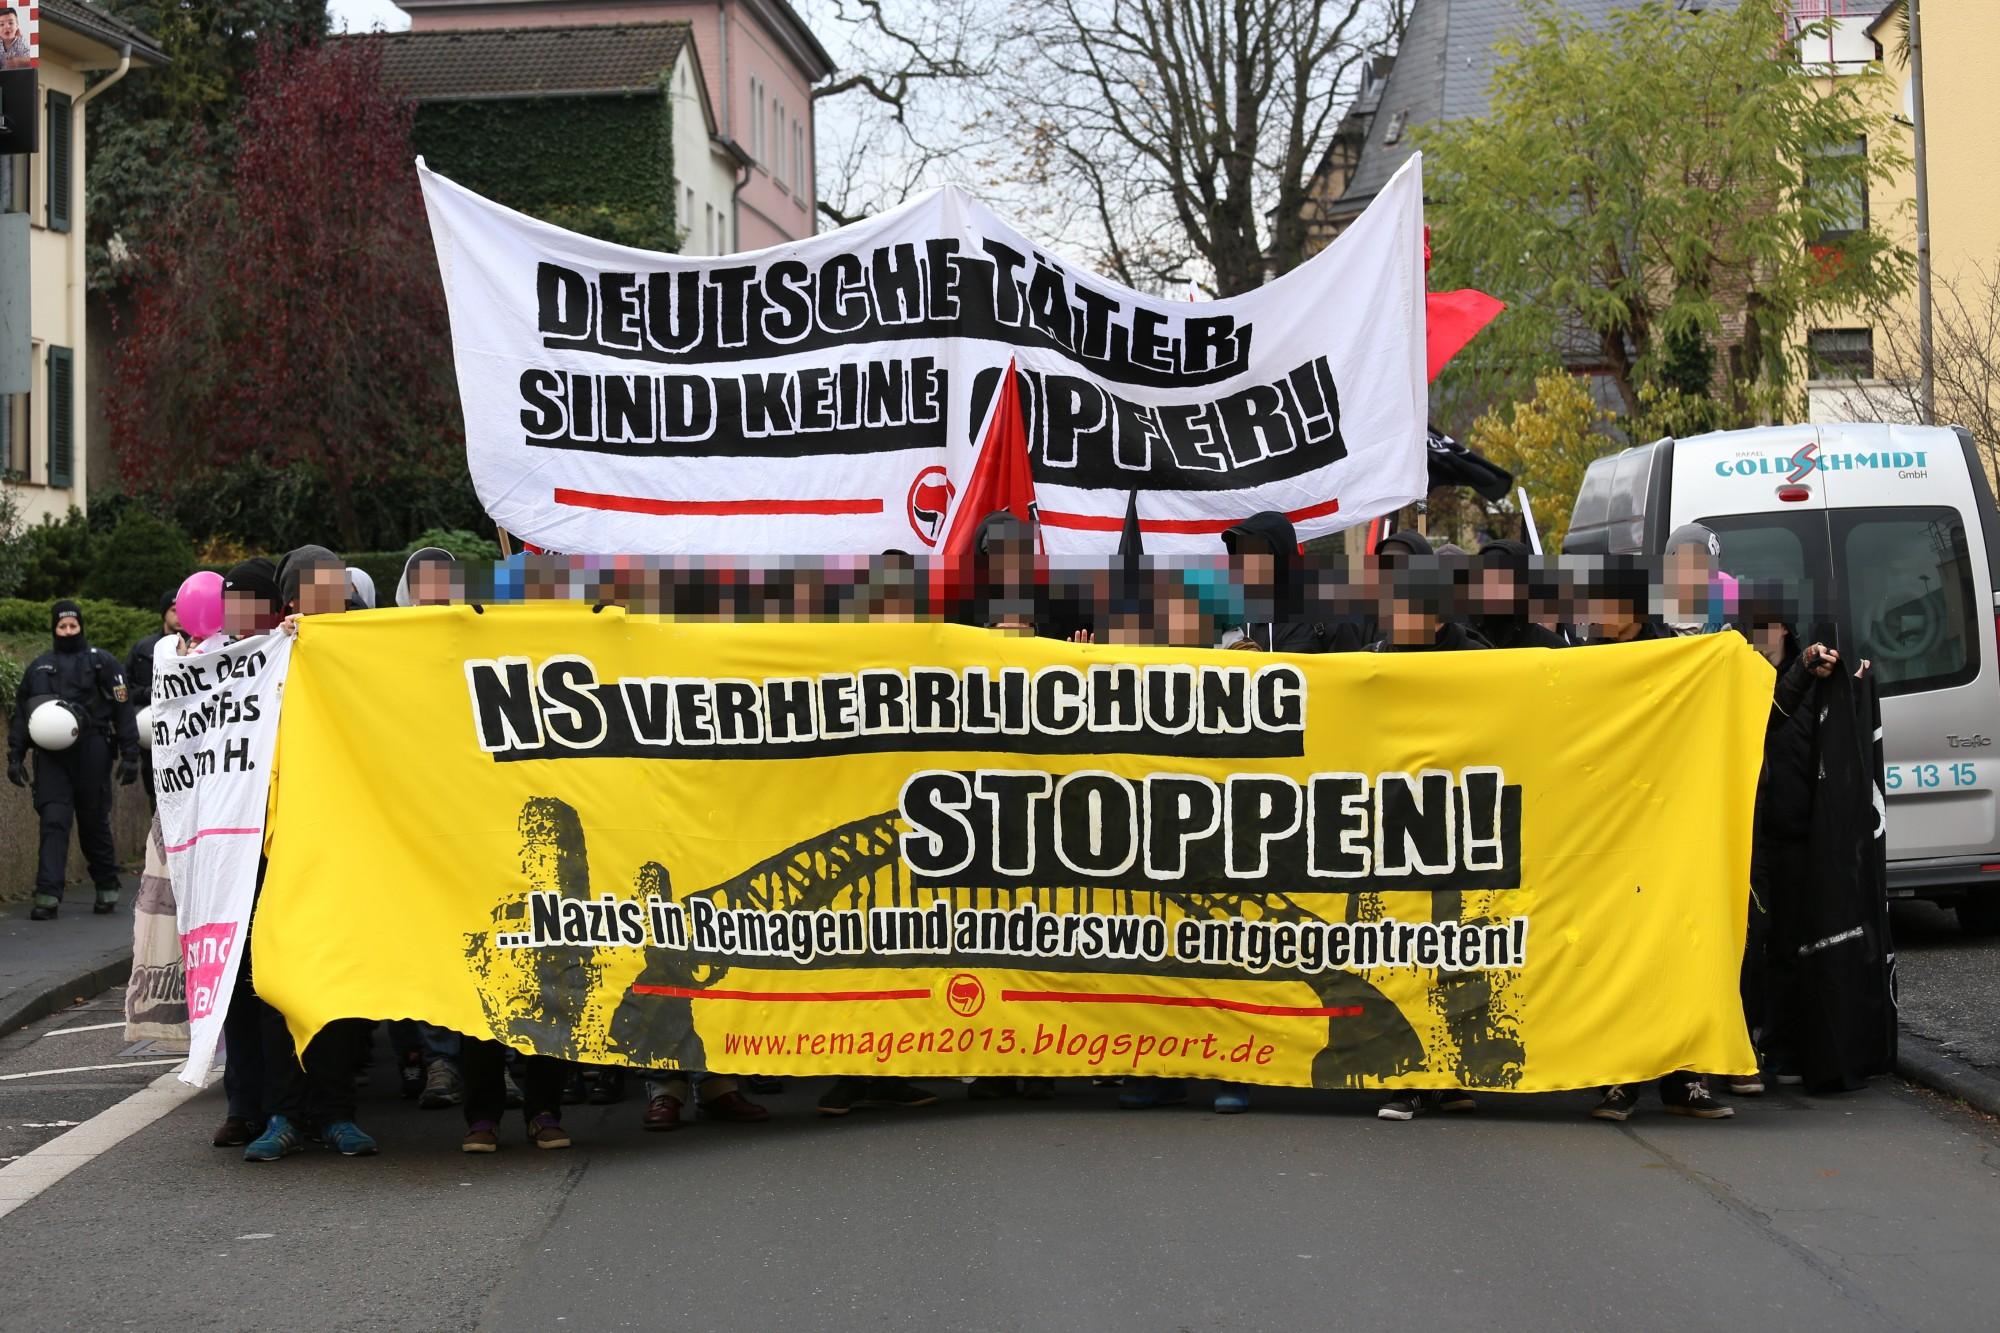 Remagen 2013: Deutsche Täter sind keine Opfer! NS Verherrlichung stoppen! ... Nazis in Remagen und anderswo entgegentreten!